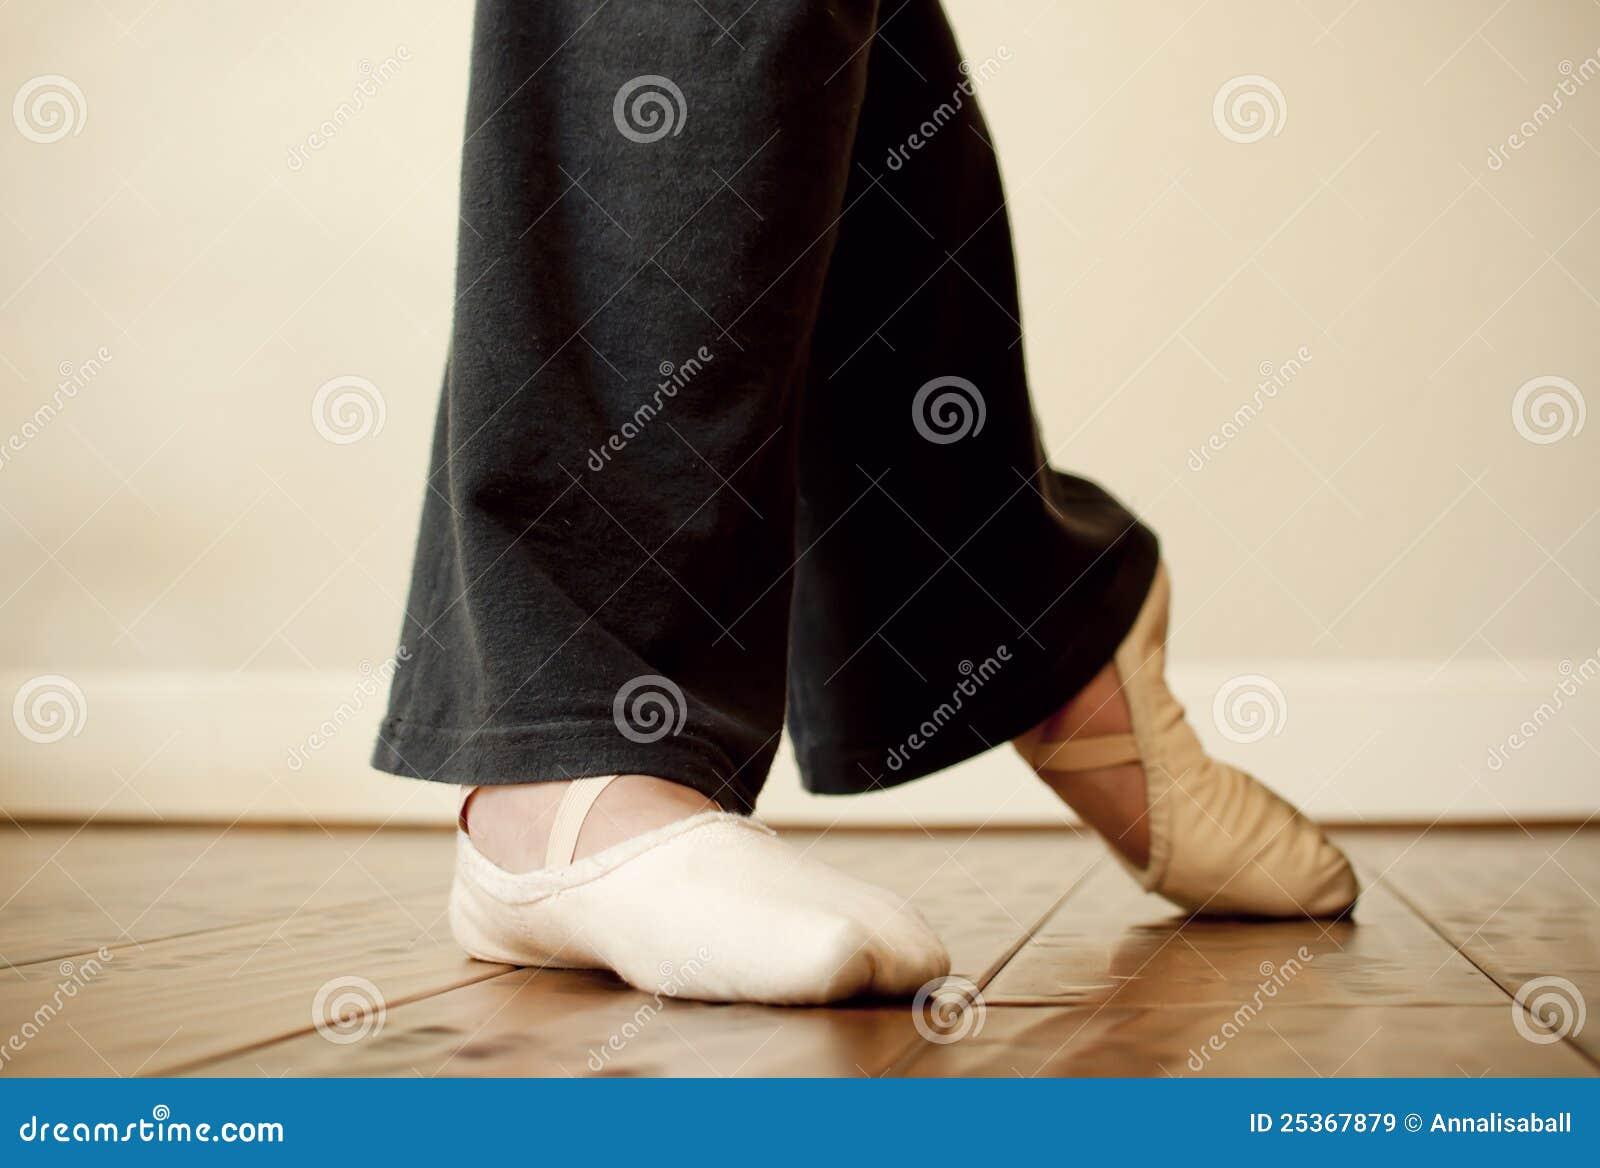 Piedi della ballerina durante la pratica